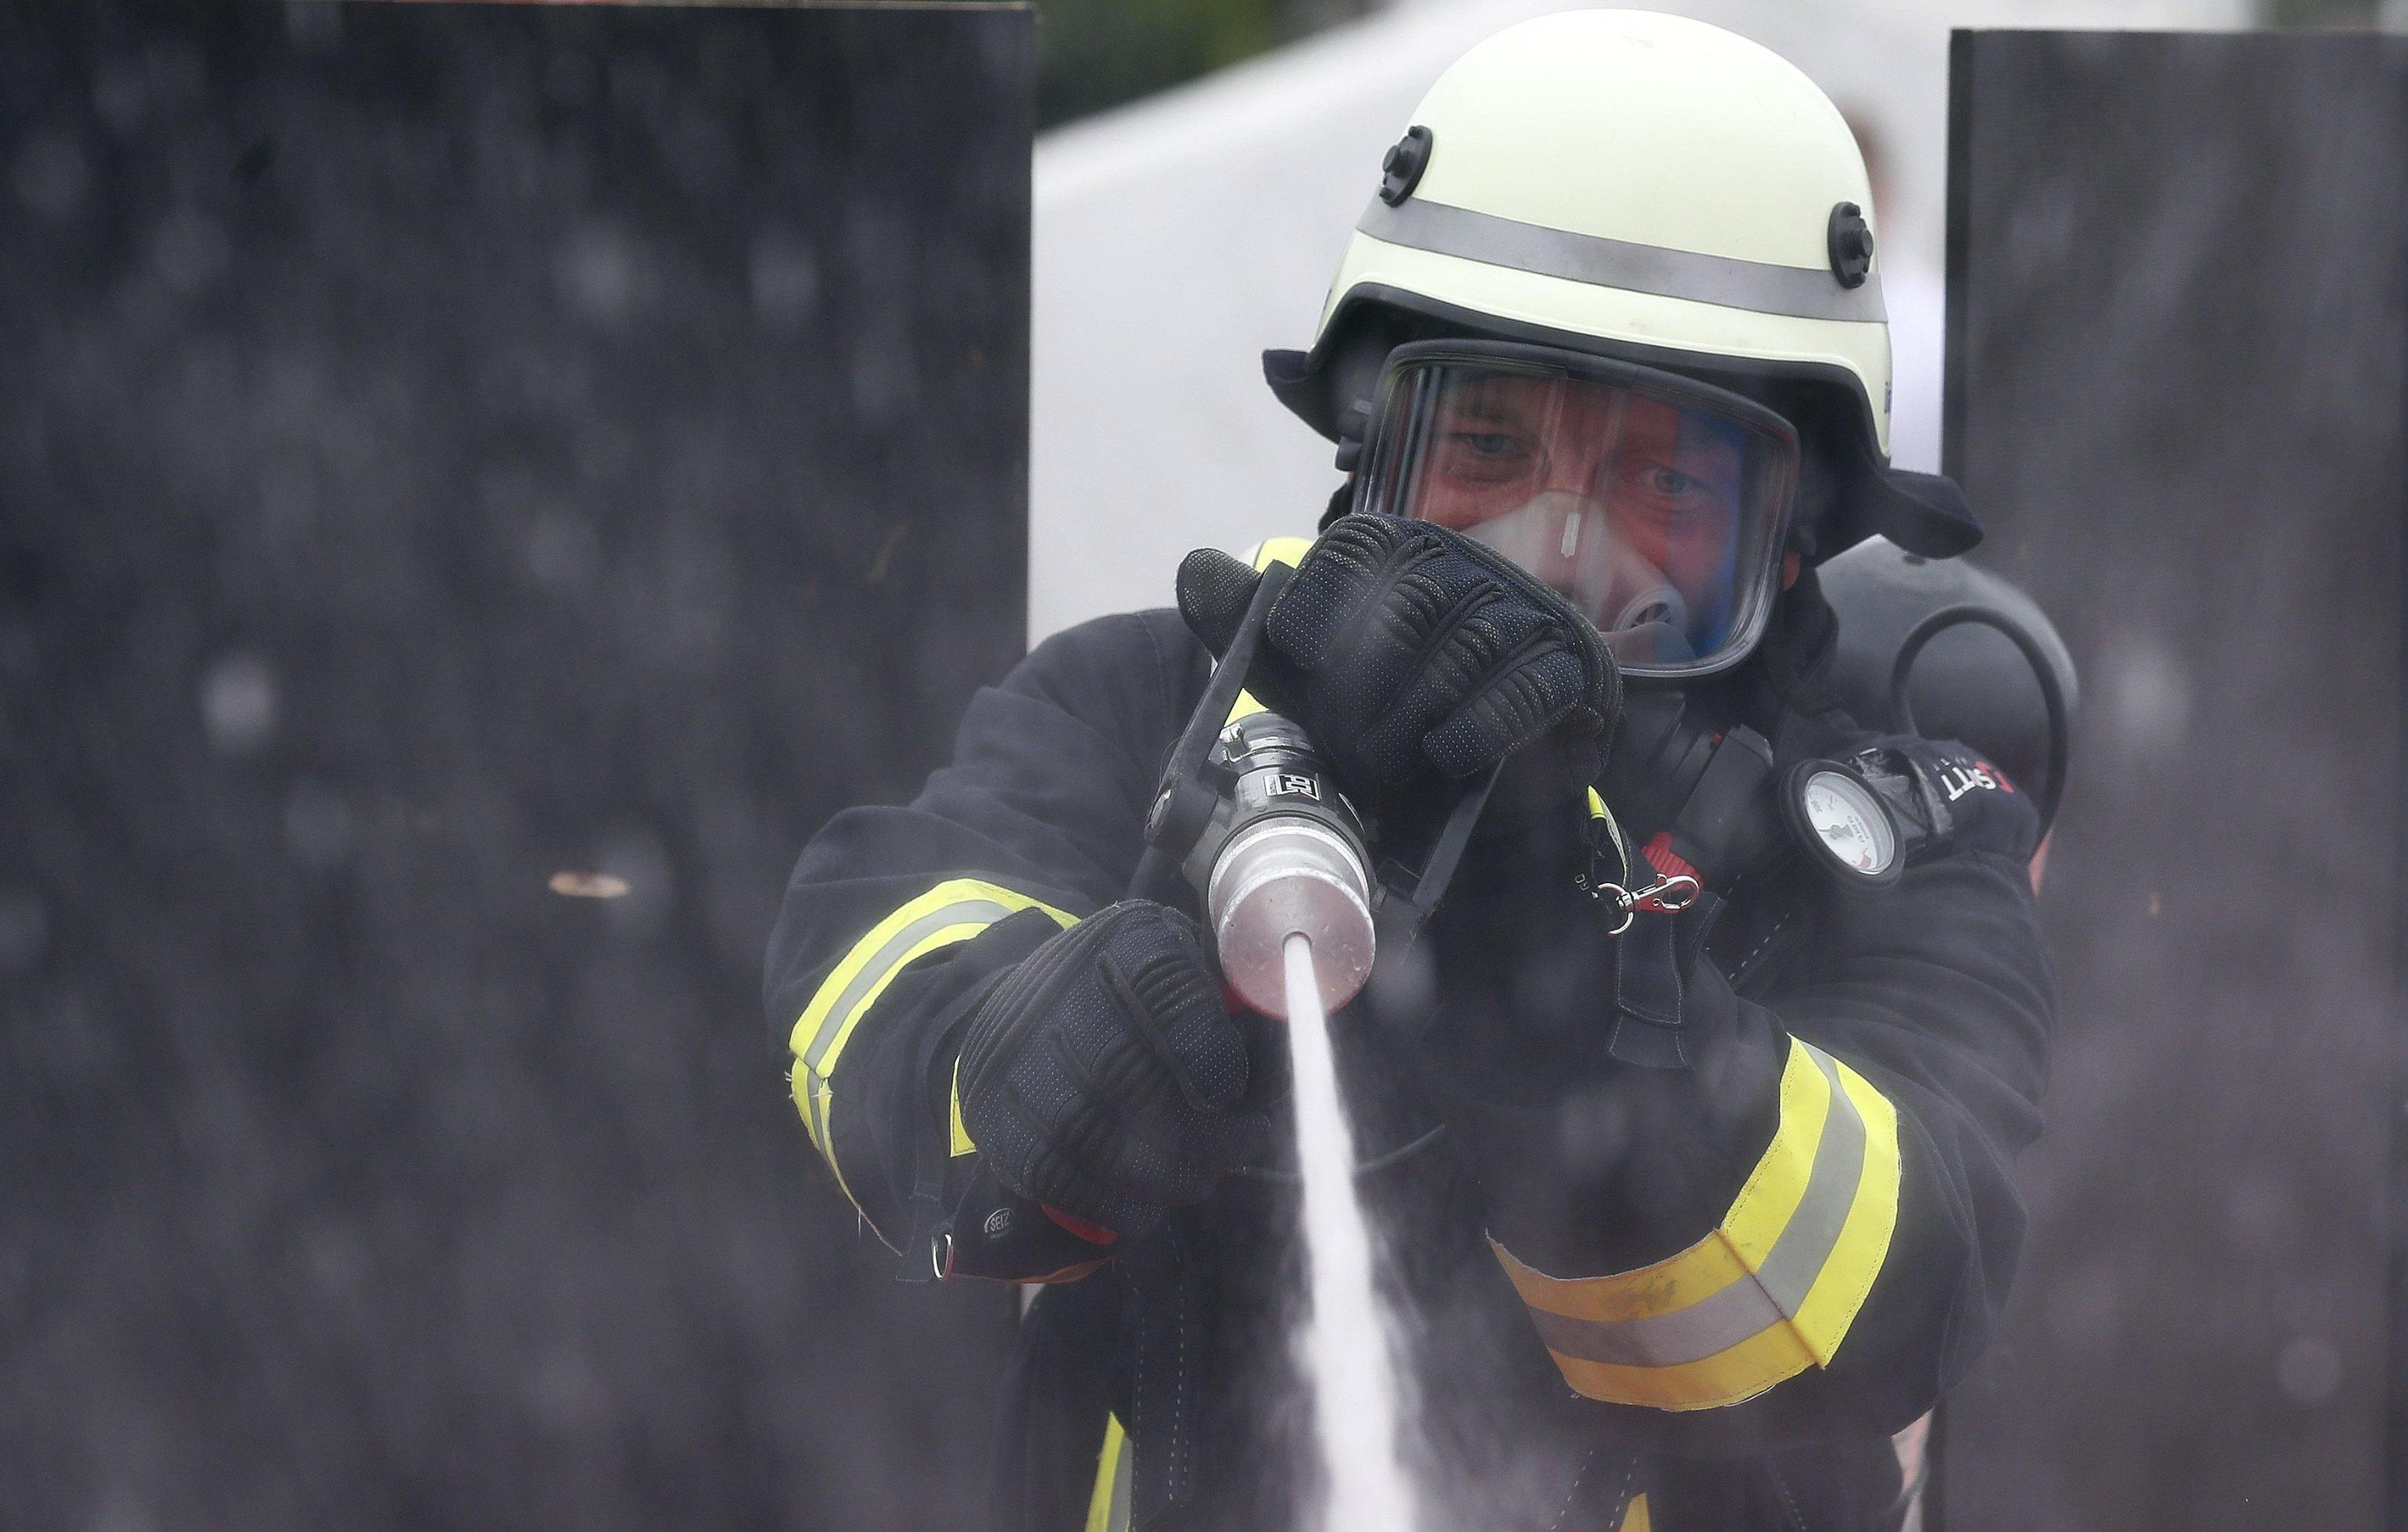 Germania: fiamme in edificio, 4 morti